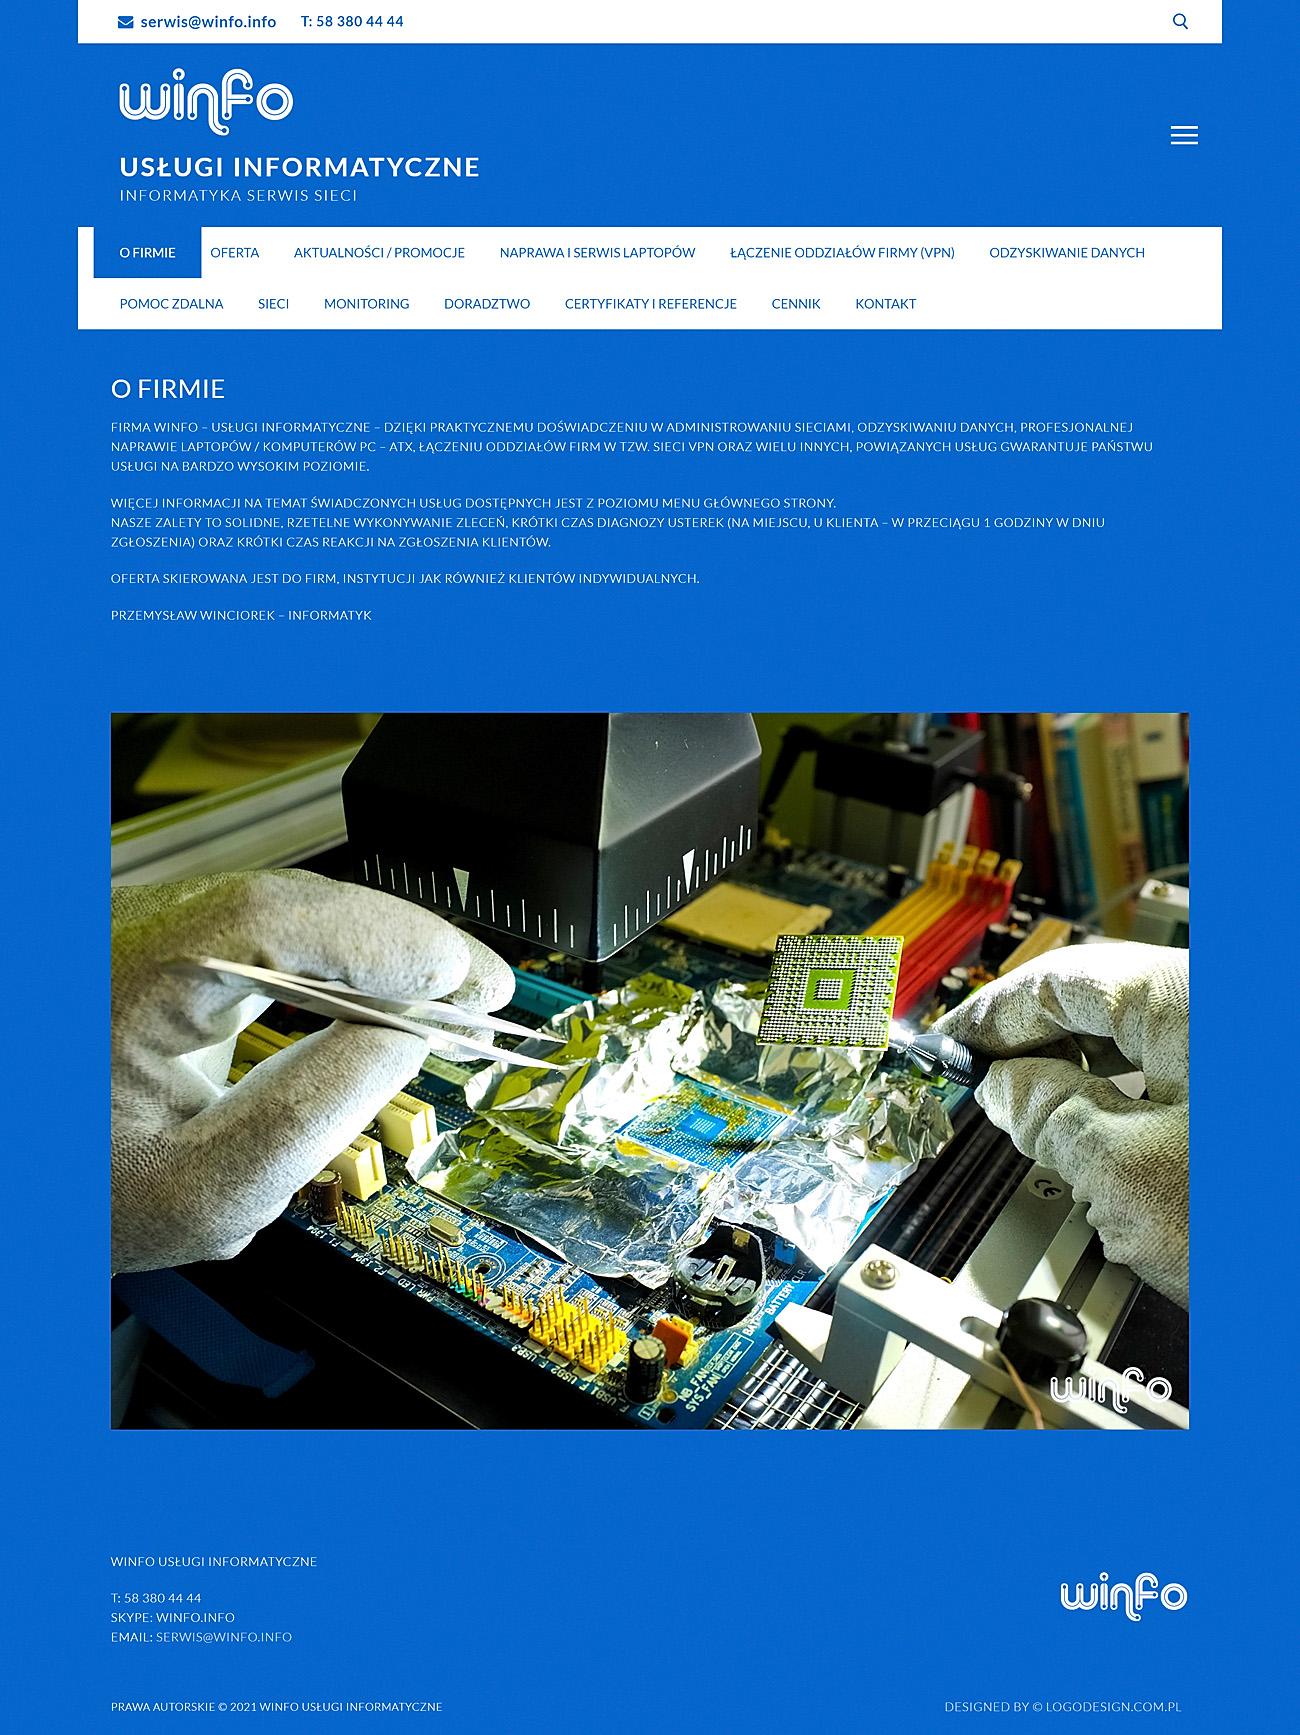 Witryna internetowa dla Winfo - Informatyka Serwis Sieci